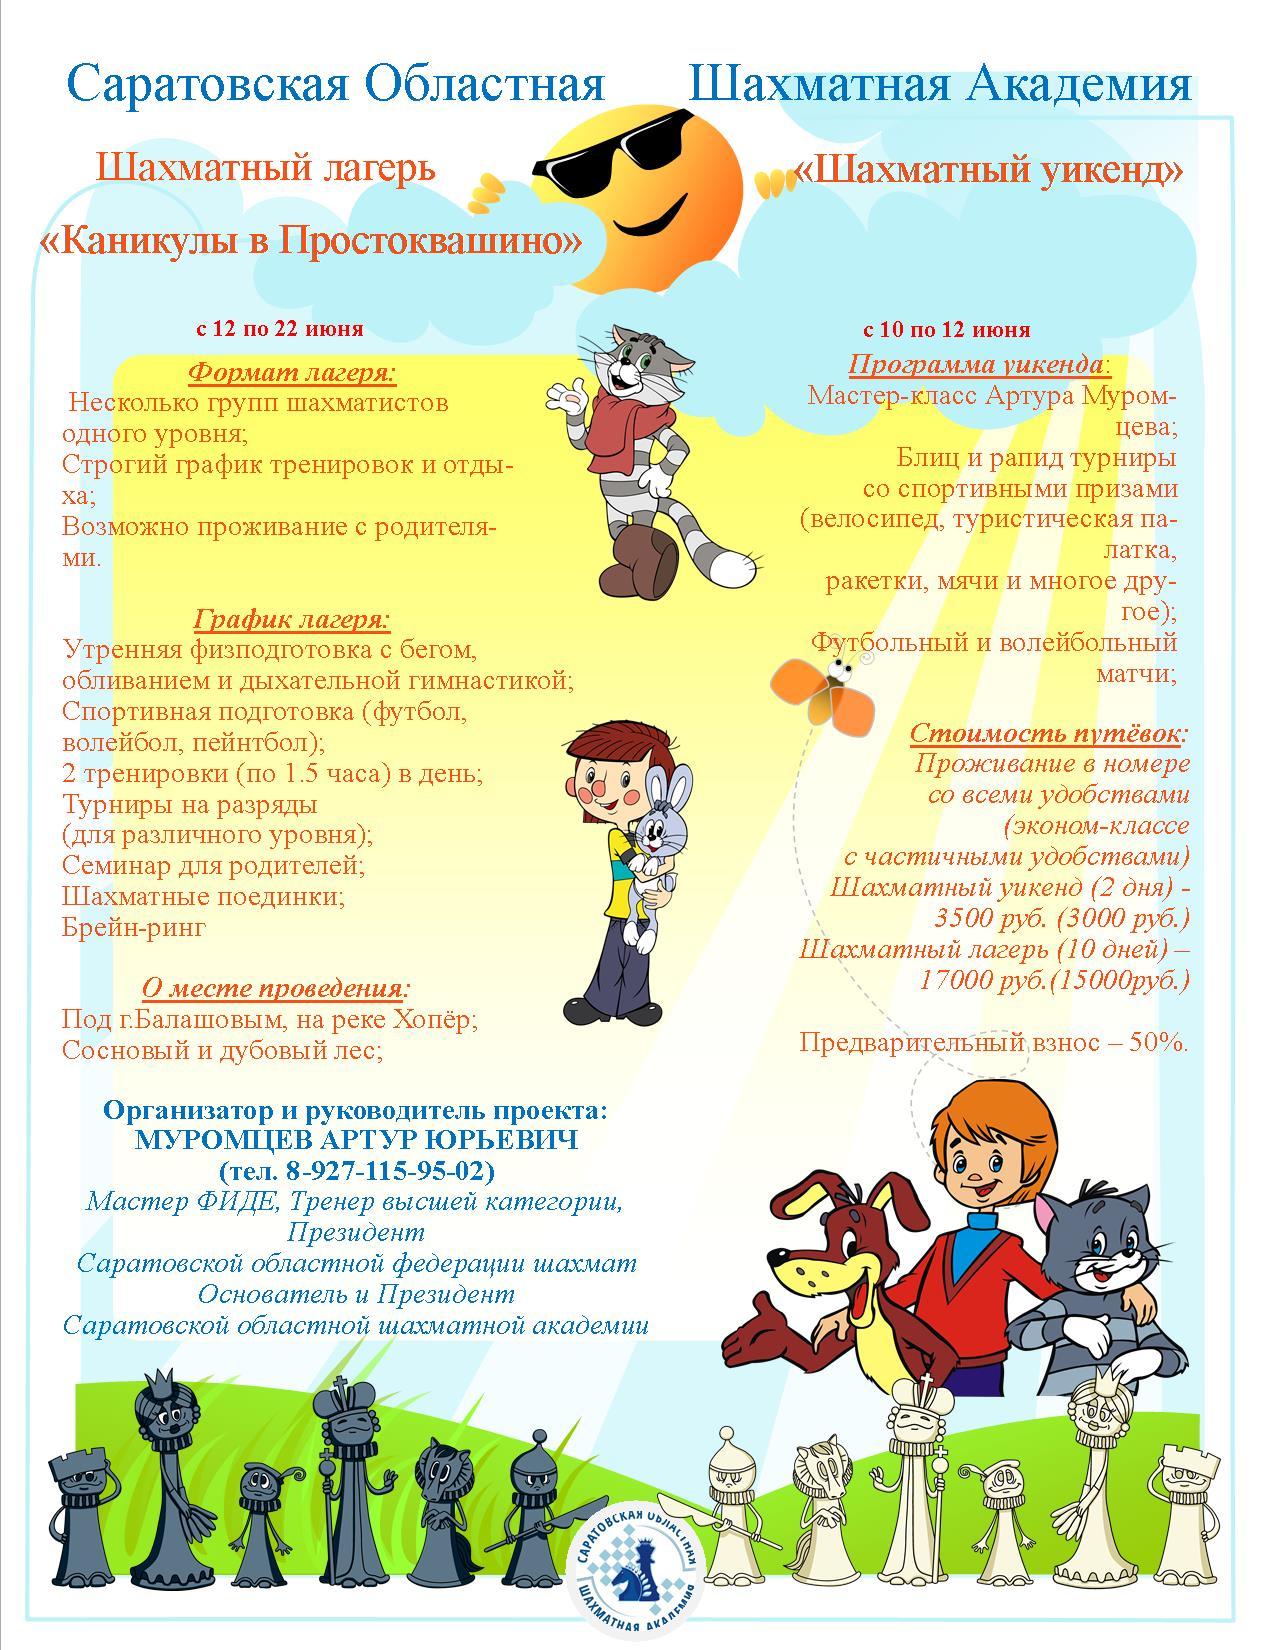 http://s4.uploads.ru/xK9JG.jpg